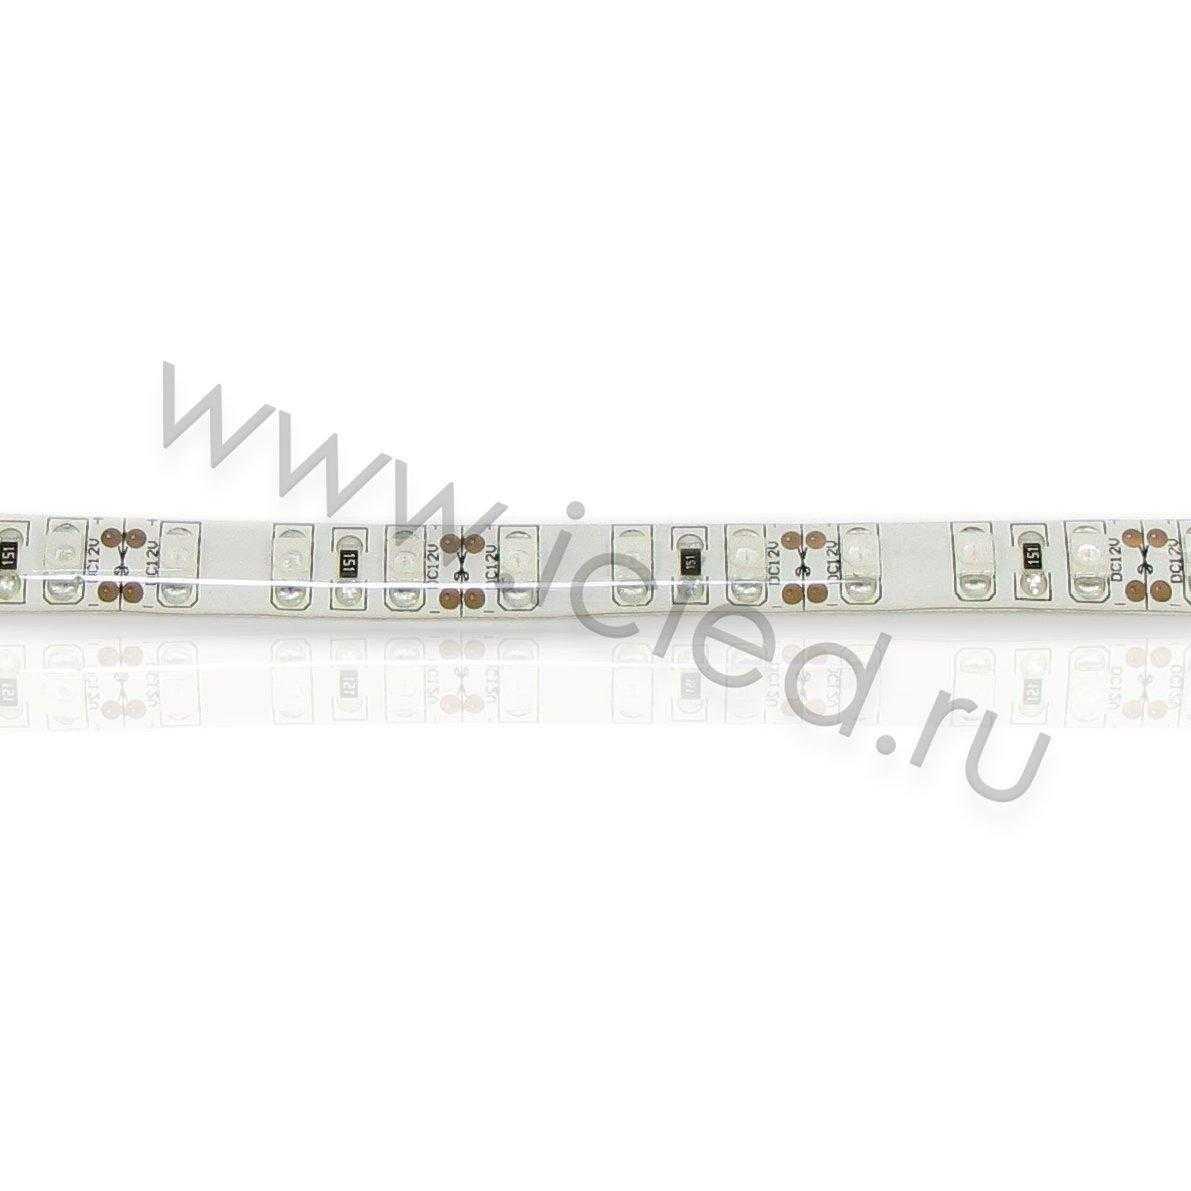 Светодиодная лента Class B, 3528, 120 led/m, Blue,12V, IP65